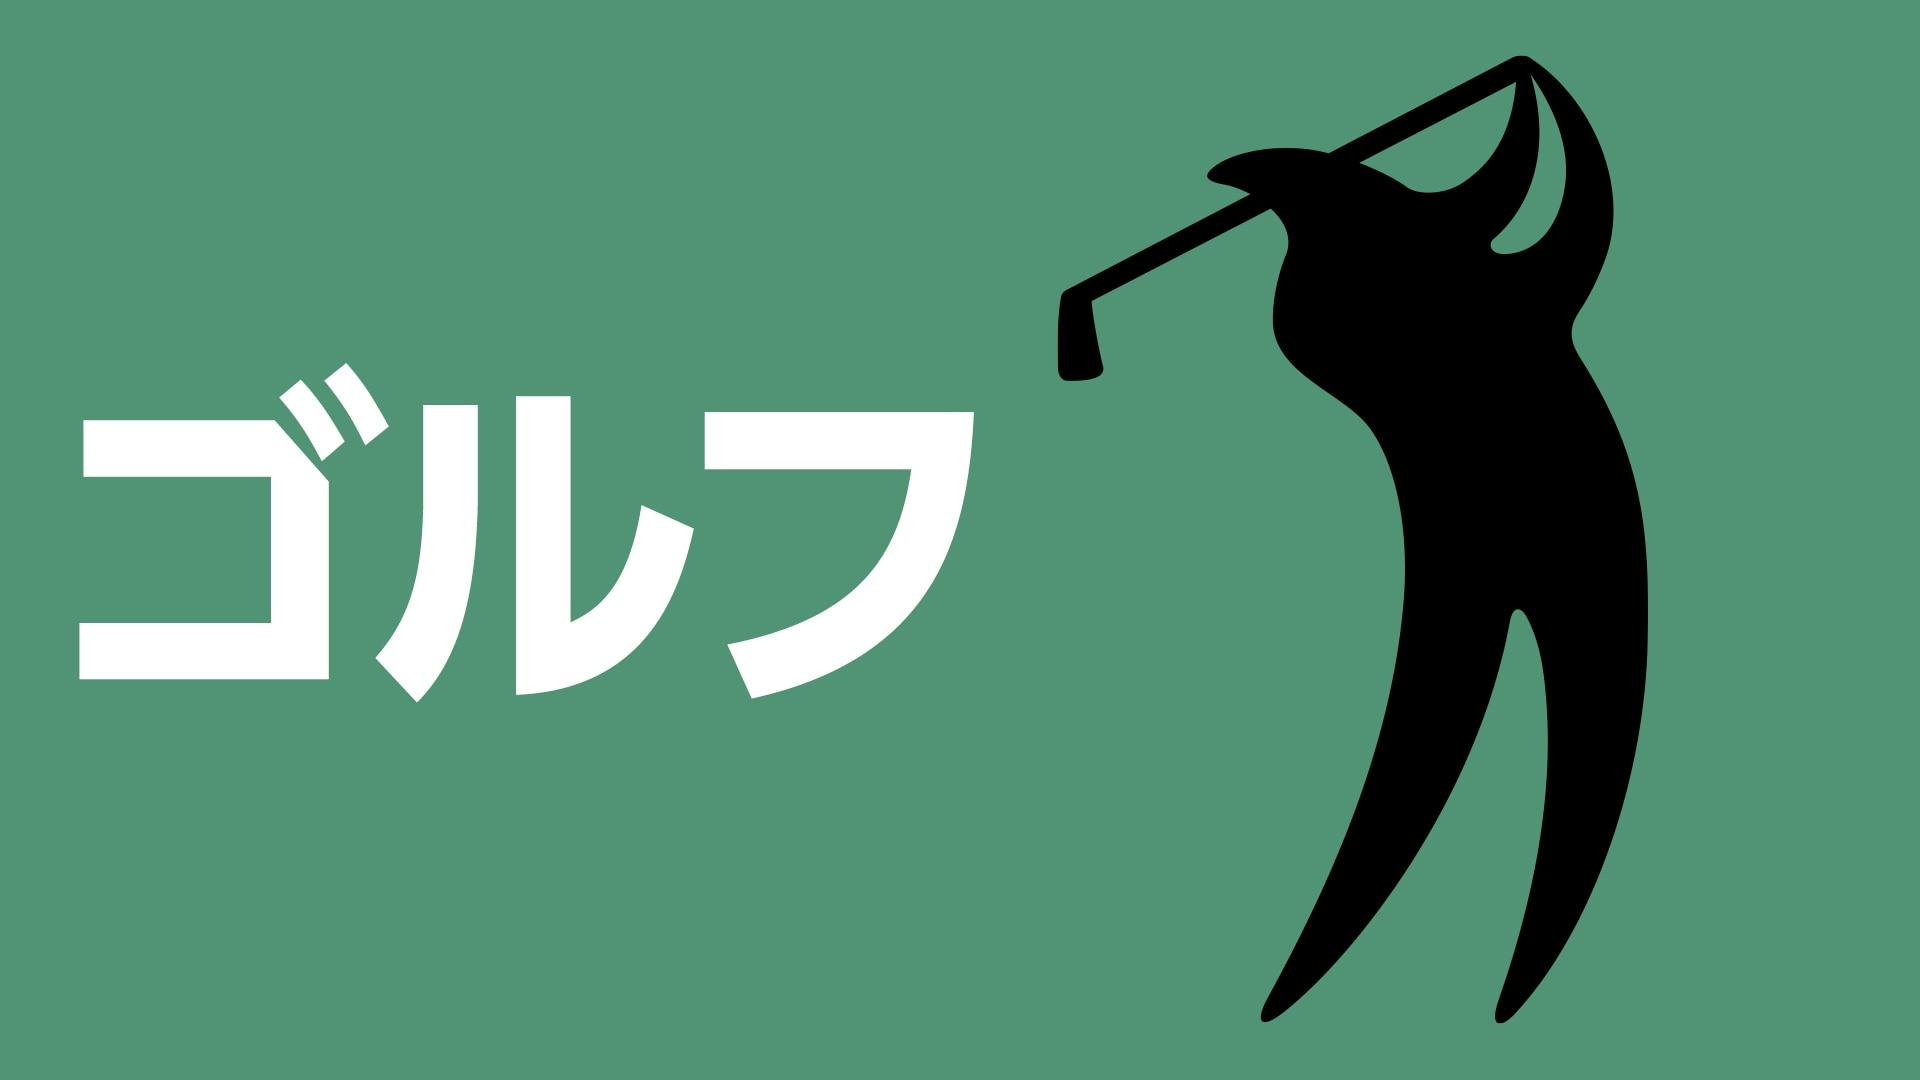 世界ゴルフ選手権2020-21 ワークデイ チャンピオンシップ「最終日」